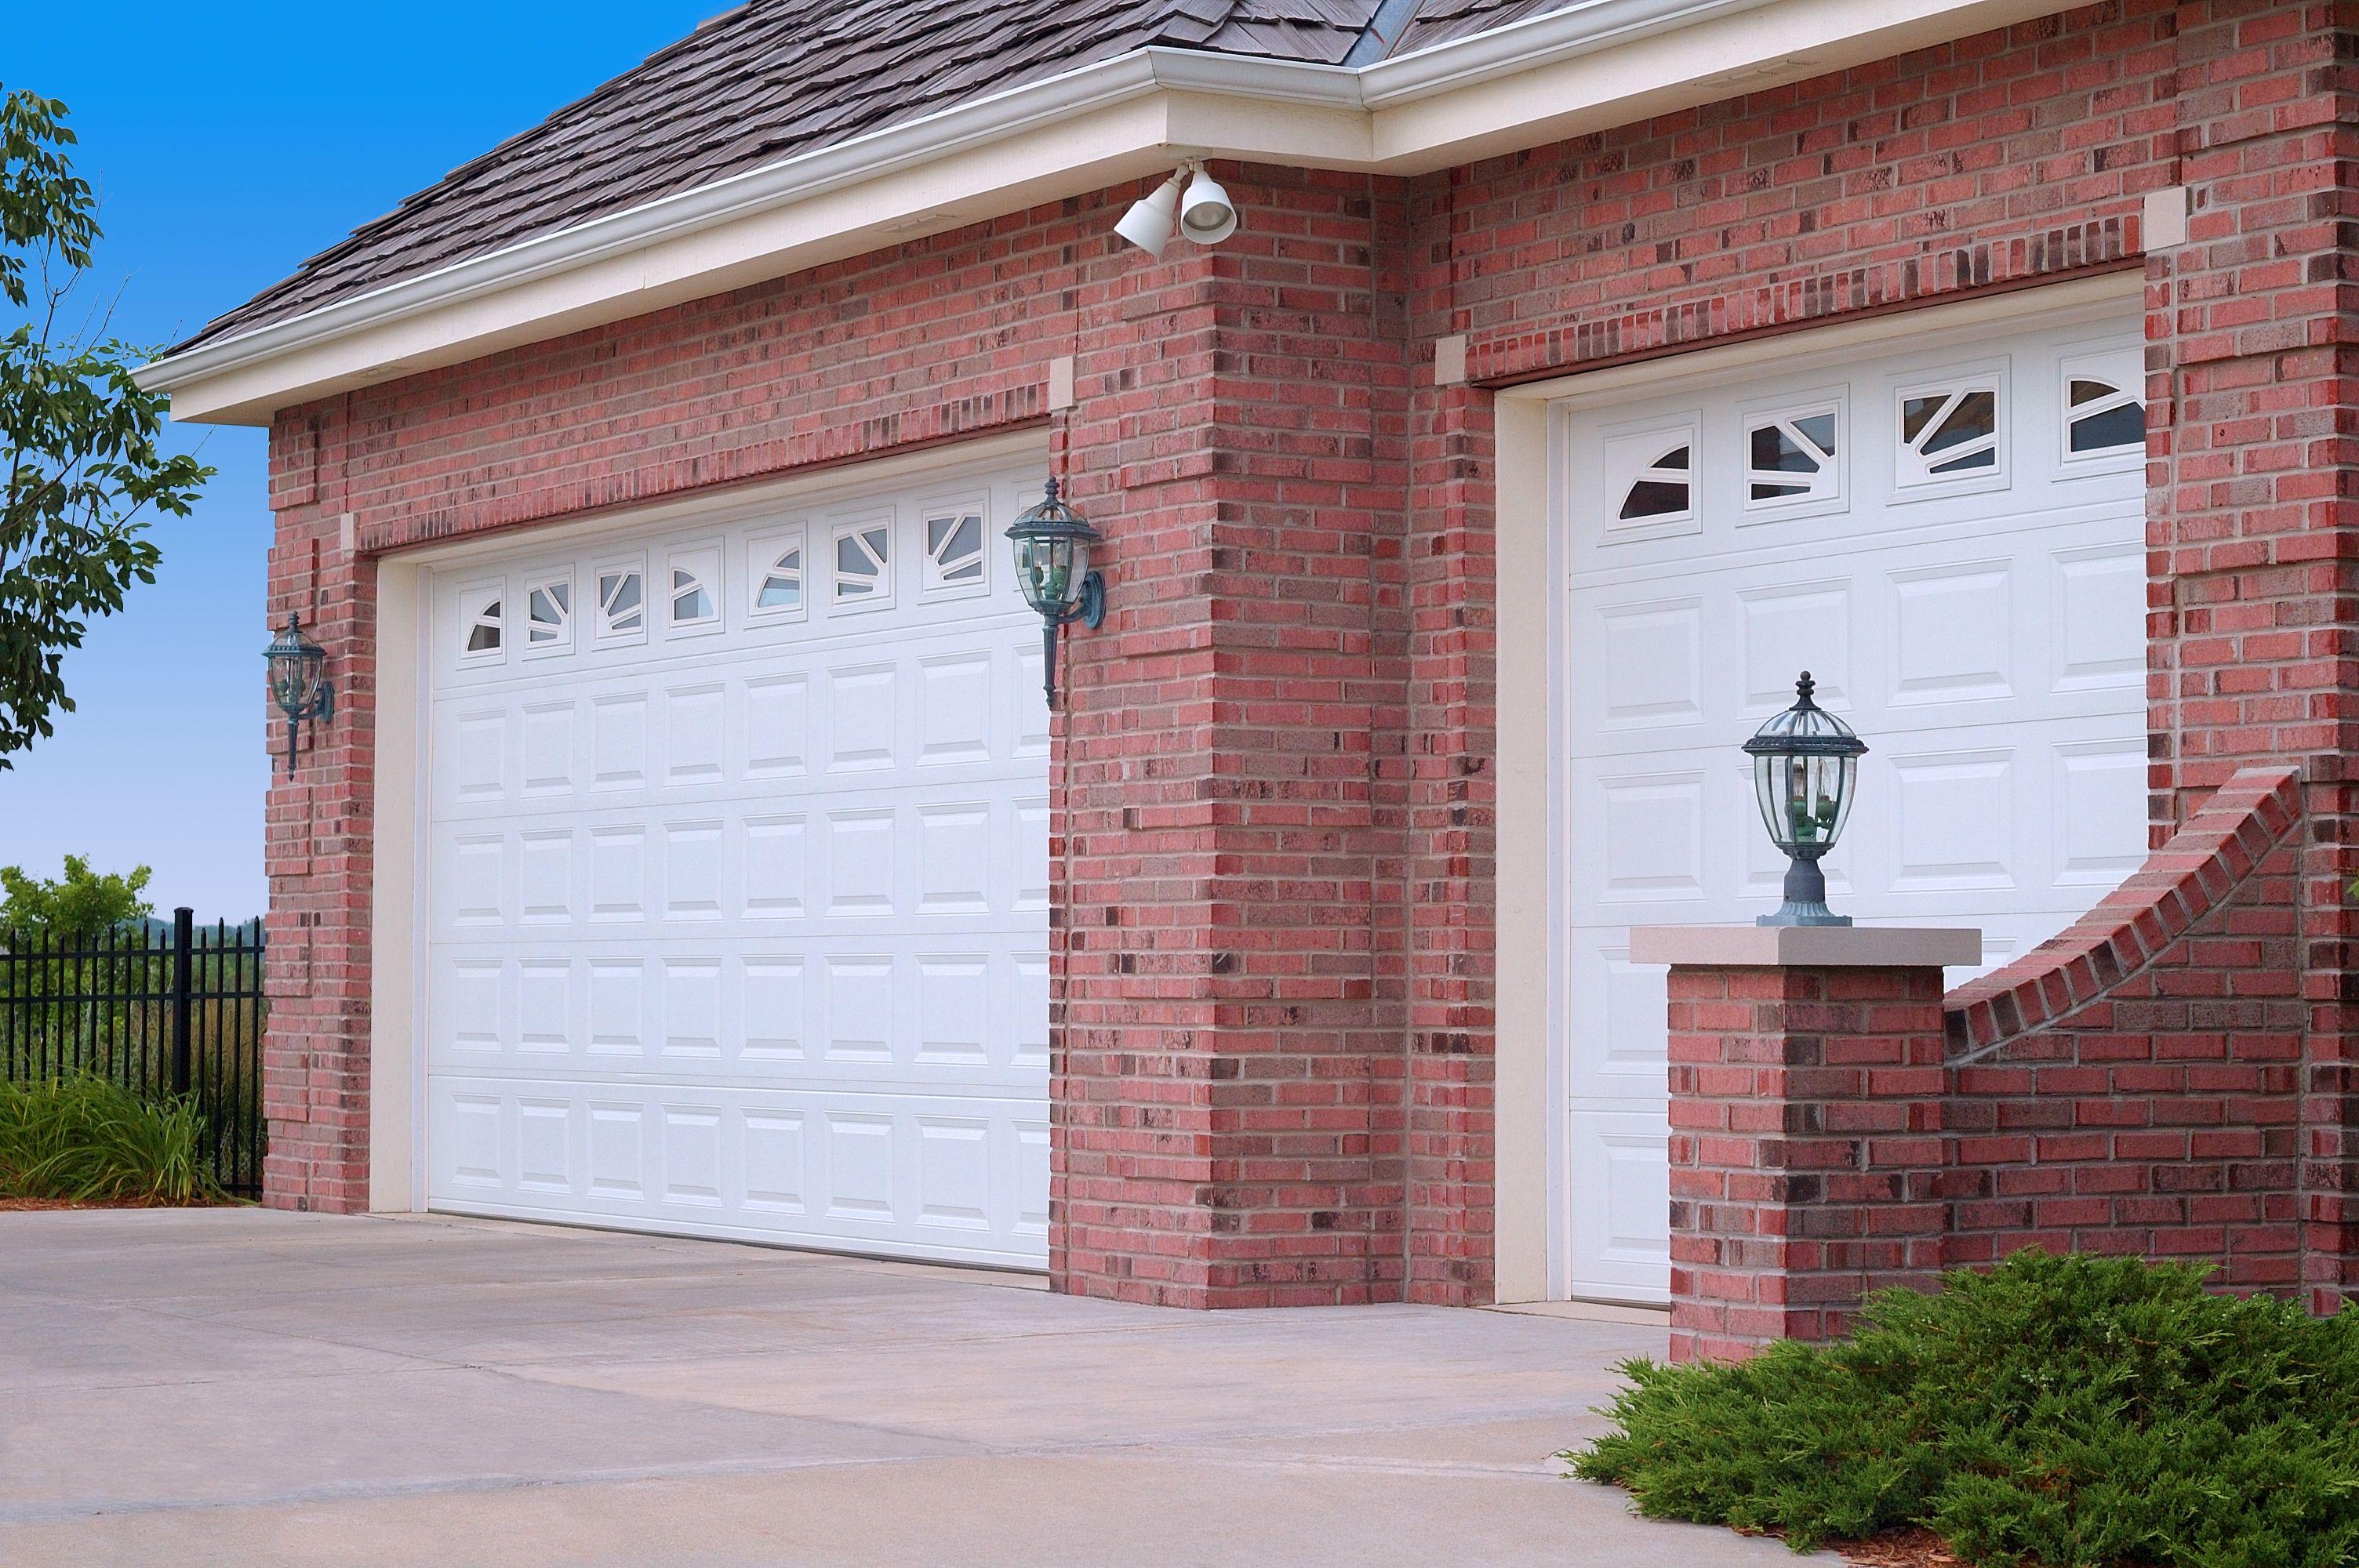 Insulated Steel Garage Doors With Sunburst Window Designs By C.H.I.  Overhead Doors.